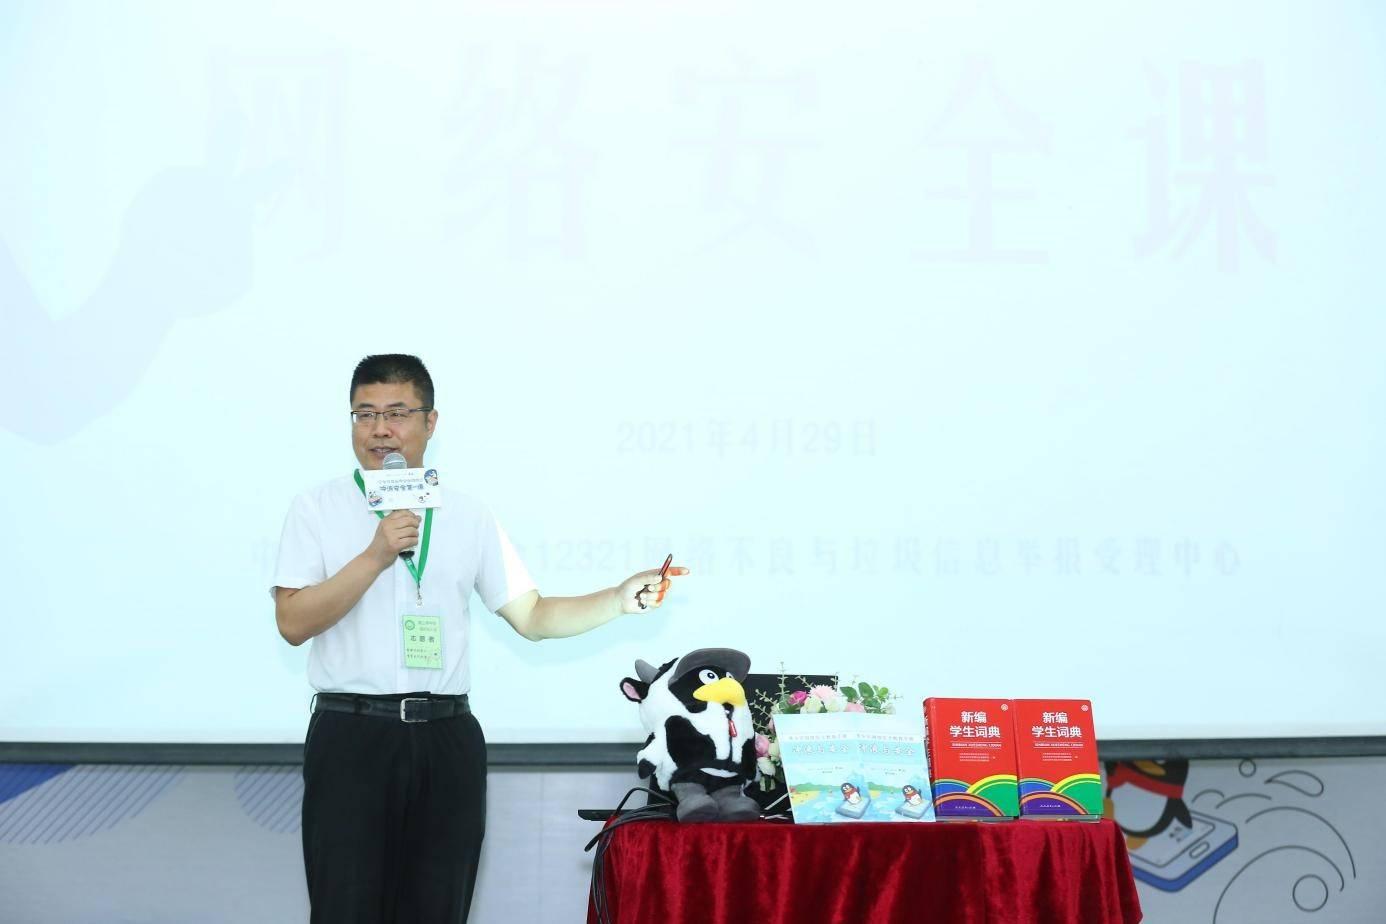 """开讲啦!人民教育出版社联合腾讯QQ正式推出""""冲浪安全第一课"""""""